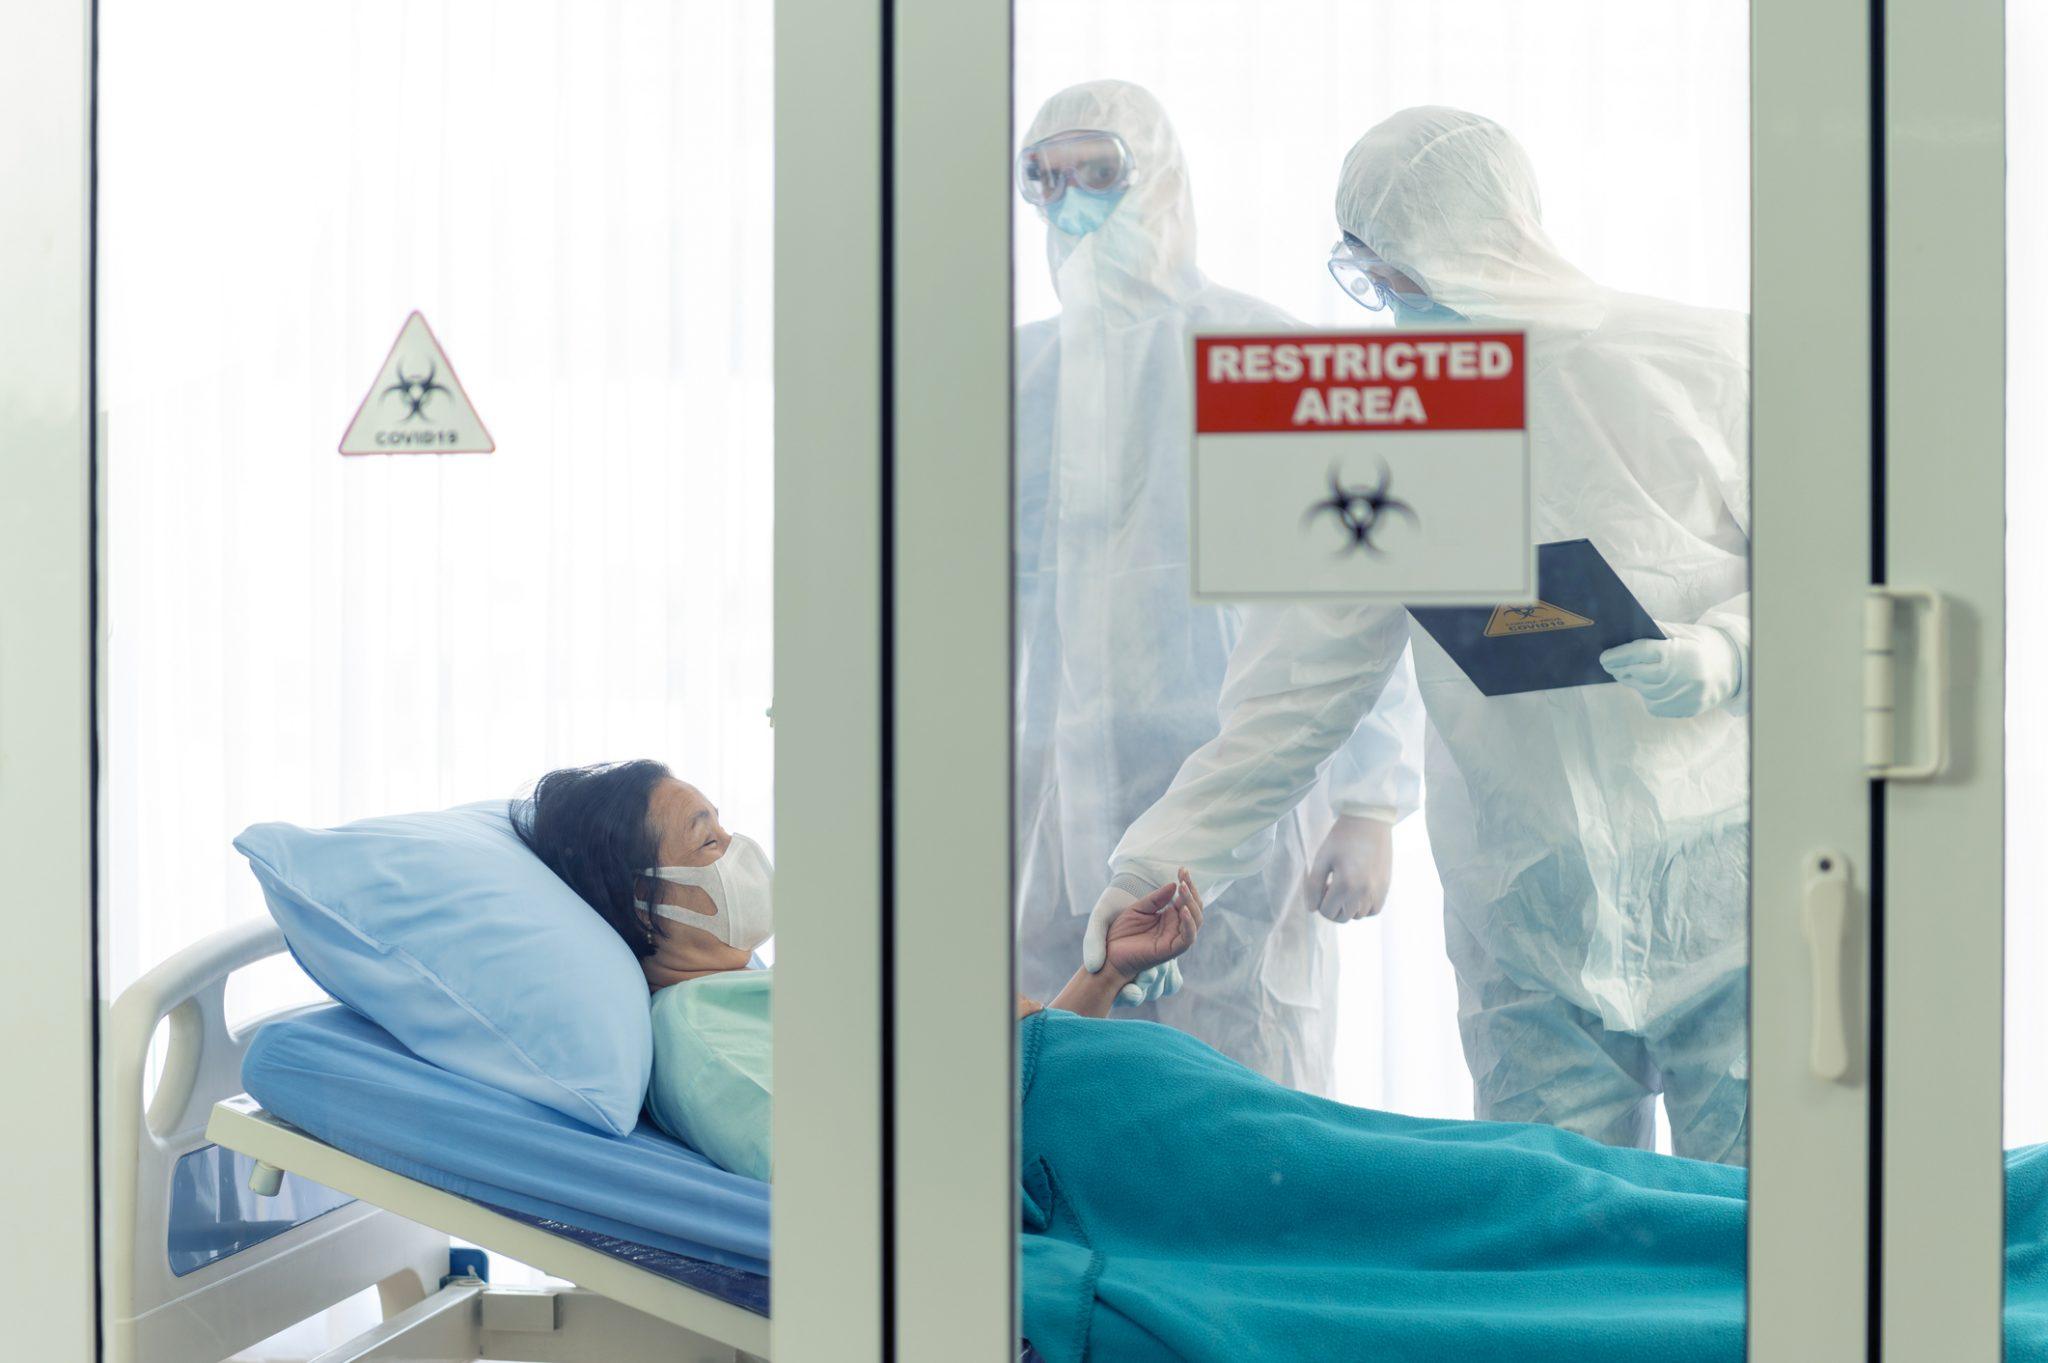 Covid 19 Una Malattia Multisistemica Attacca L Apparato Respiratorio Ma Anche Tutti Gli Organi Vitali Con Serie Conseguenze Meteoweb